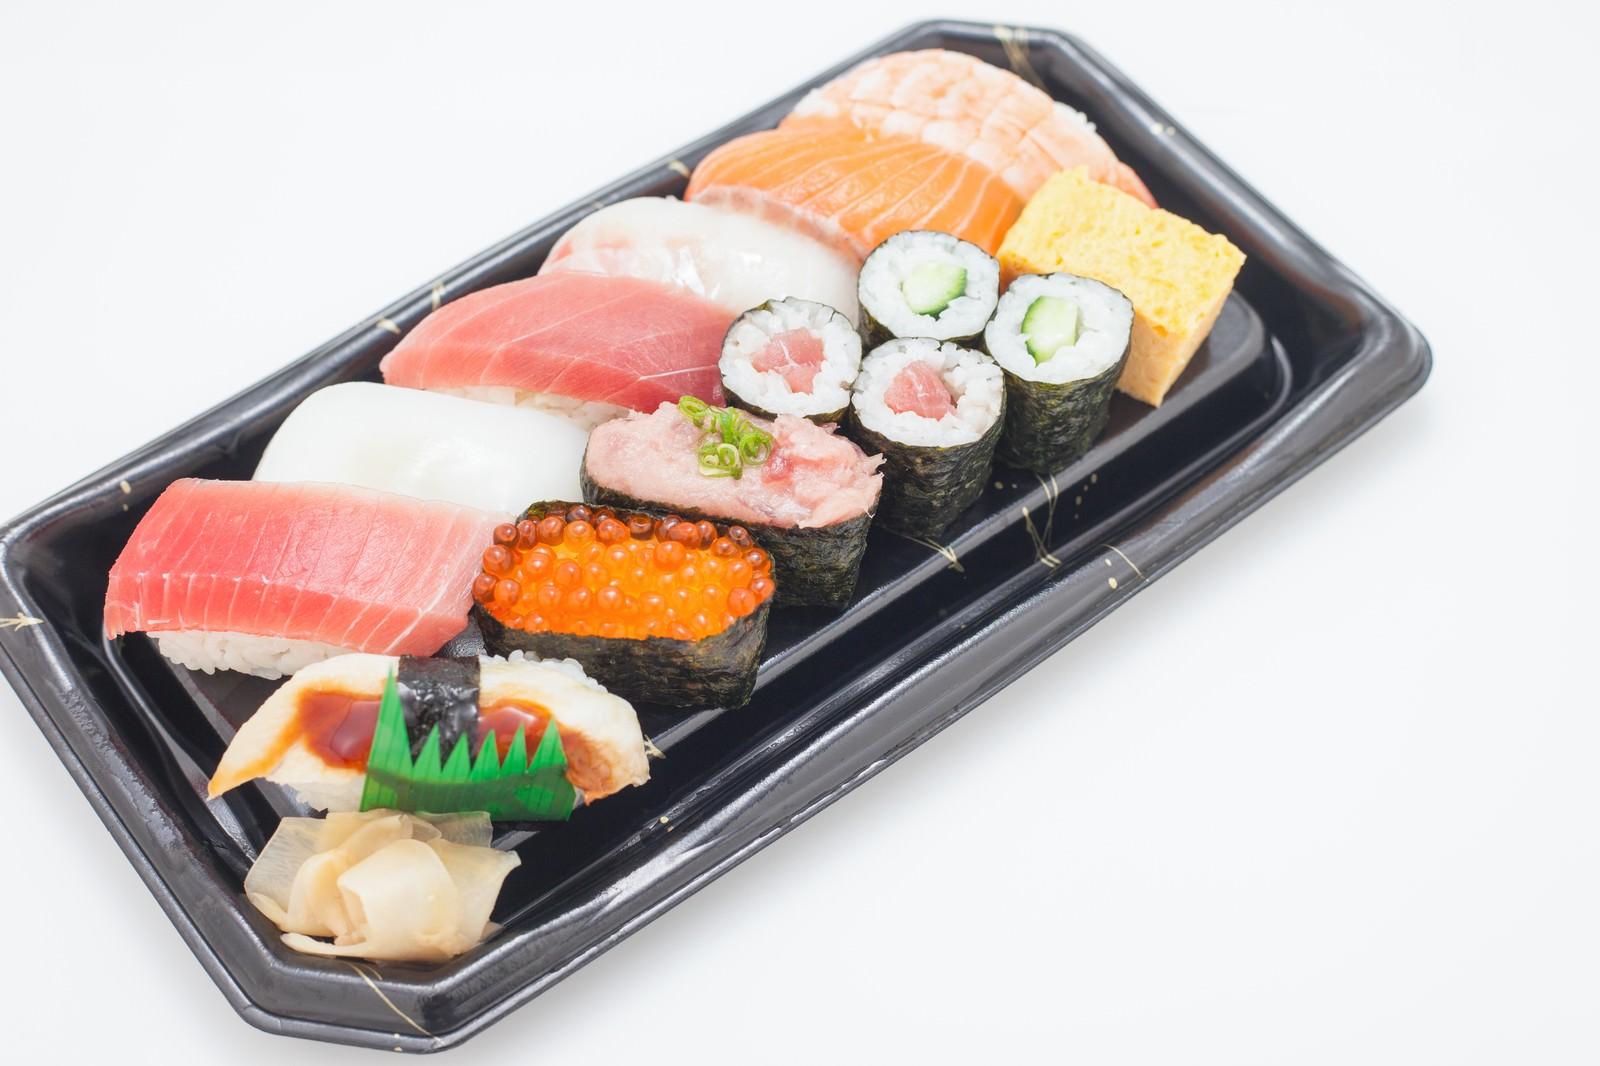 「お寿司のパック」の写真